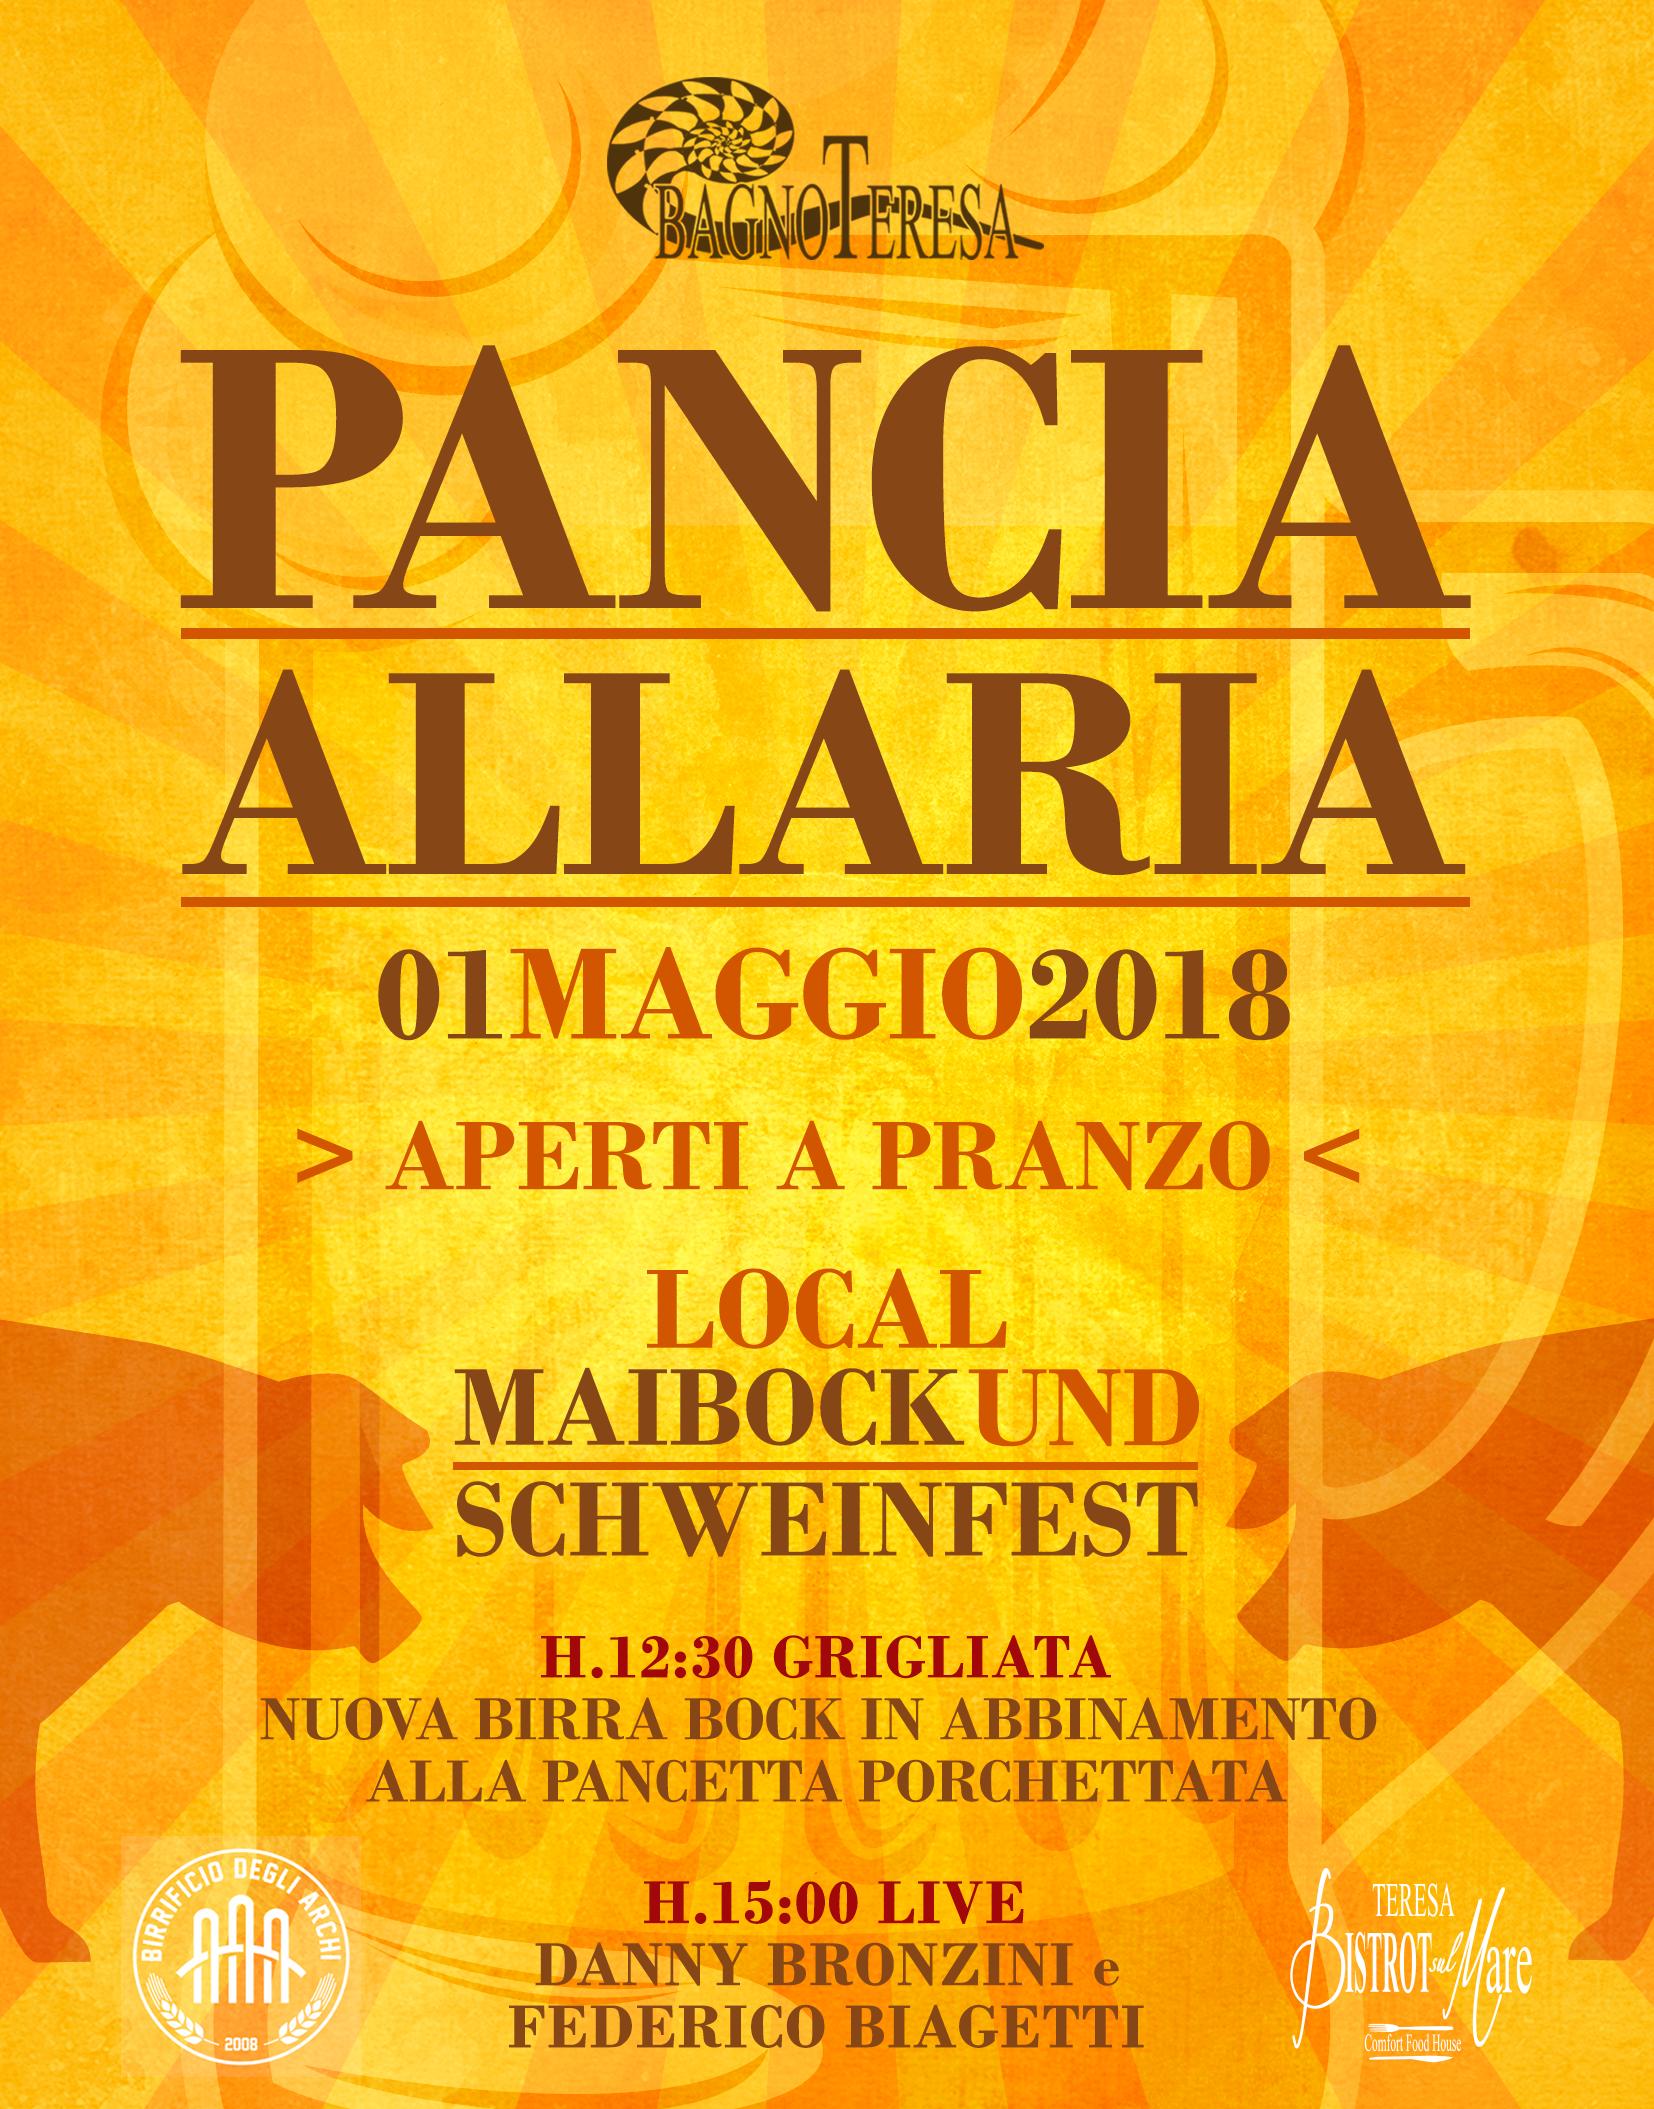 Panciallaria atto ii 1 maggio bagno teresa viareggio - Bagno teresa viareggio ...